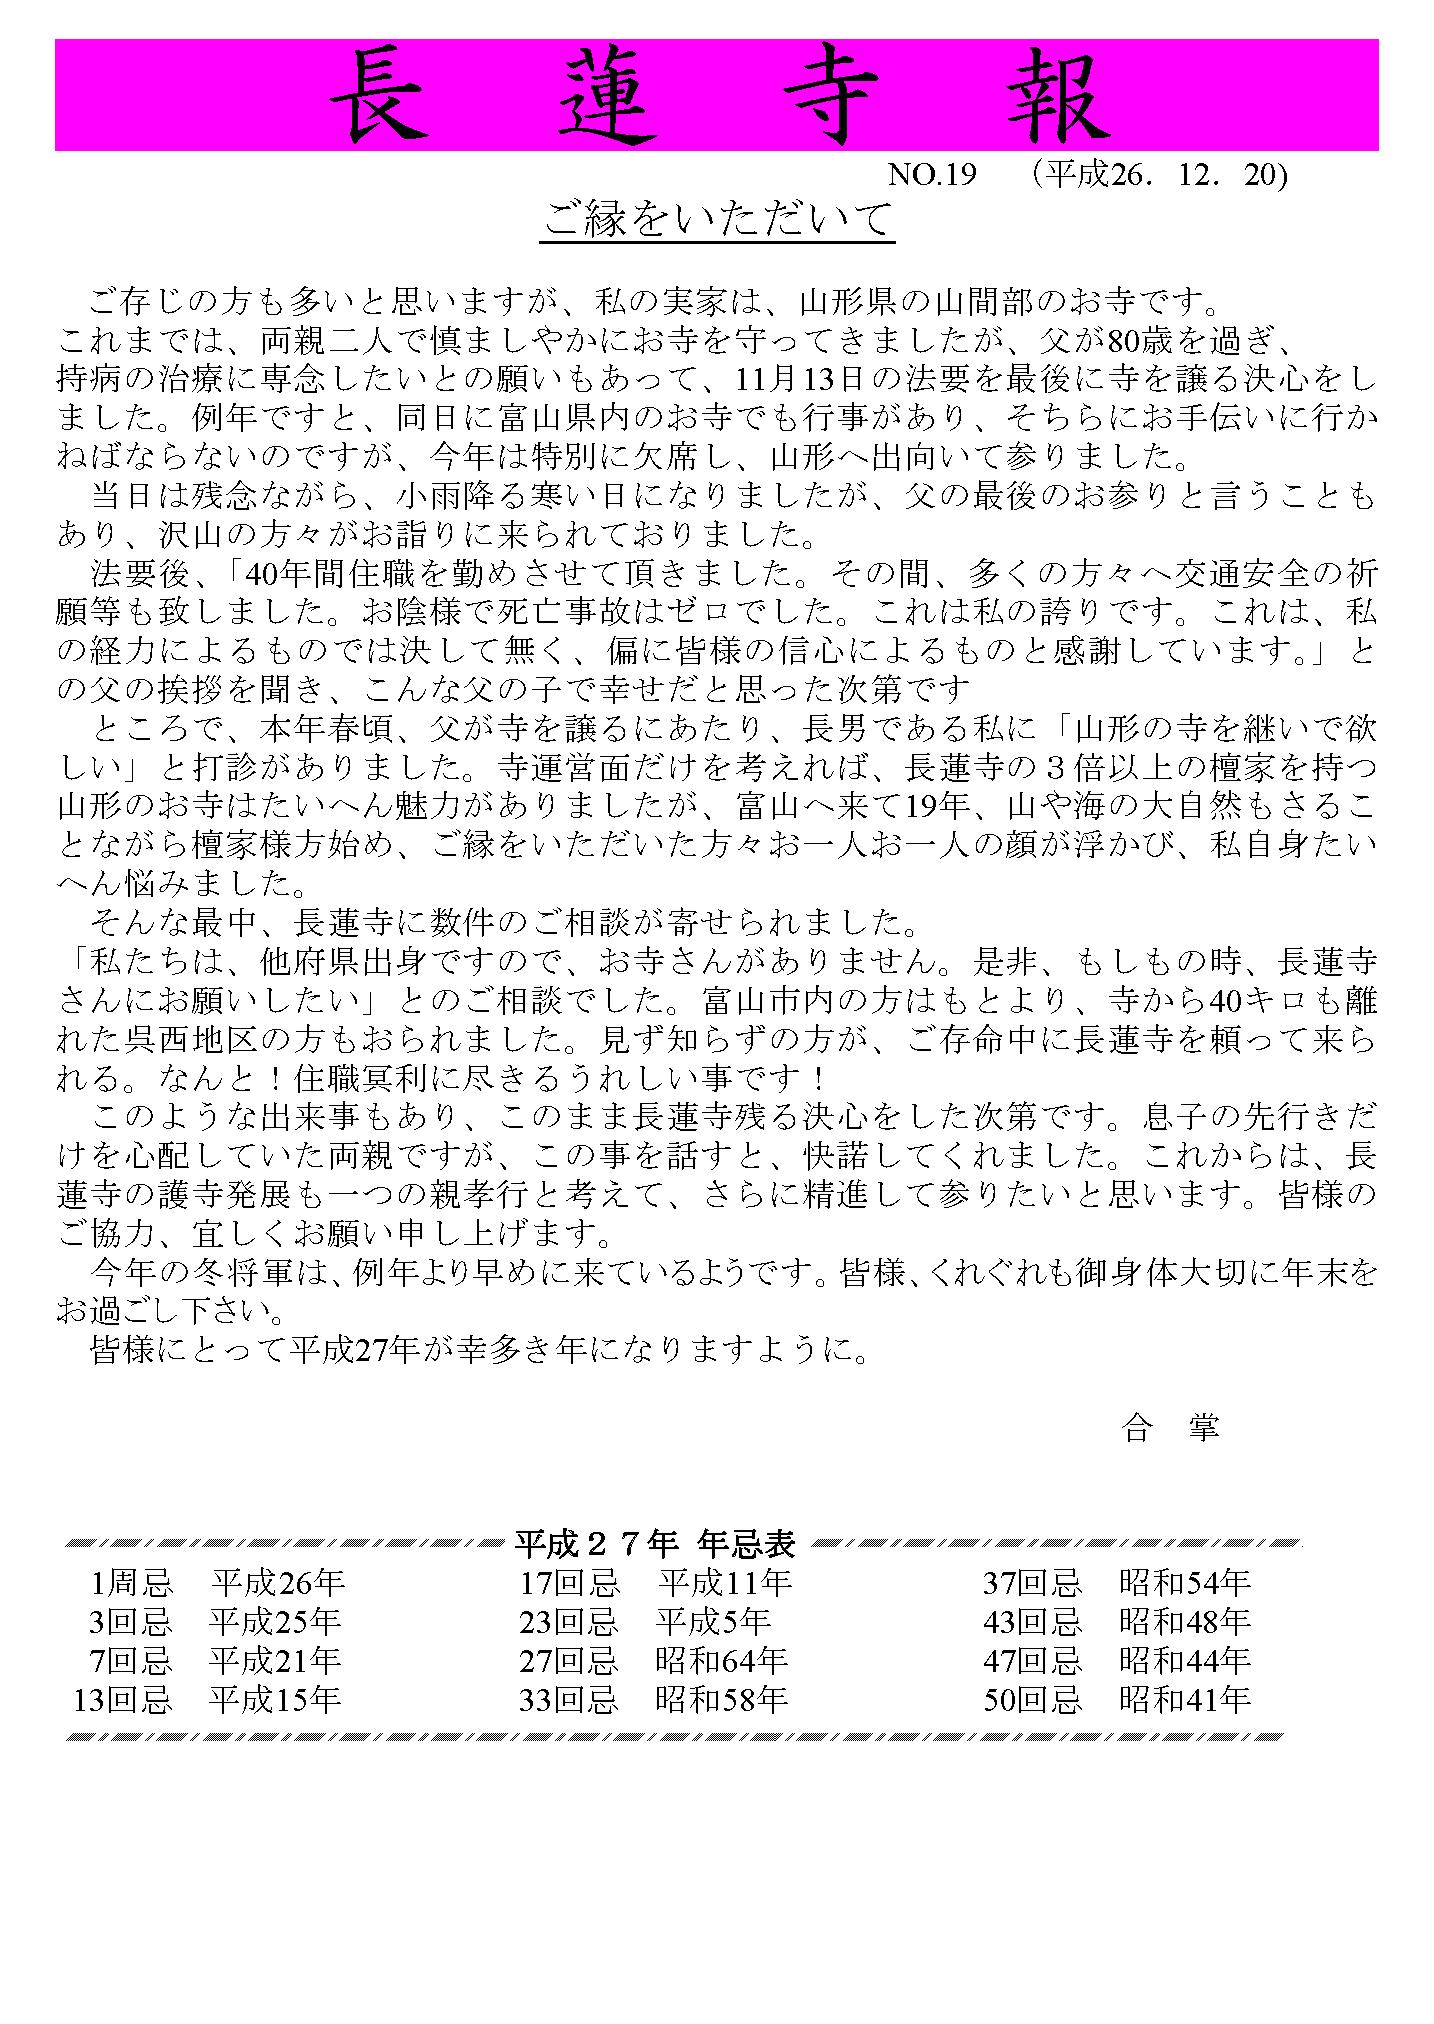 長蓮寺報No.19